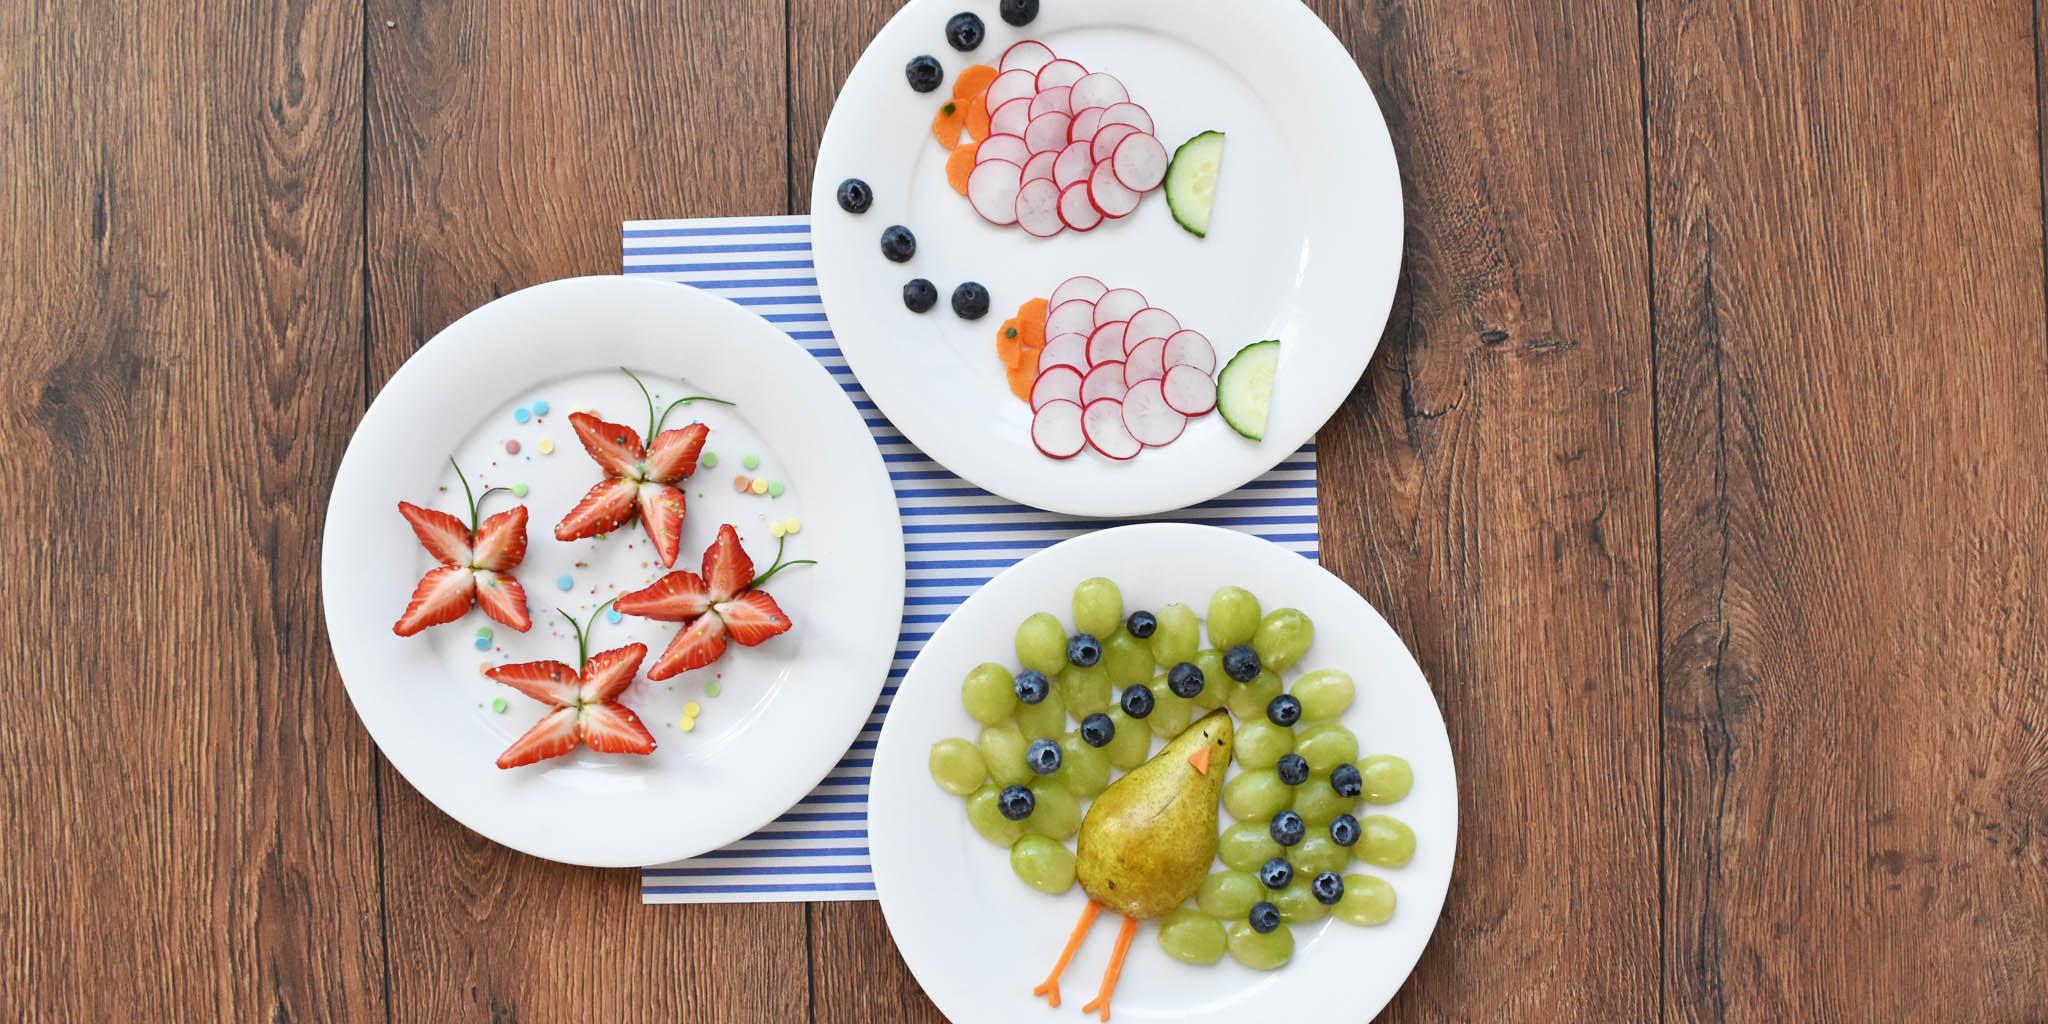 フルーツや野菜を楽しく食べる方法!